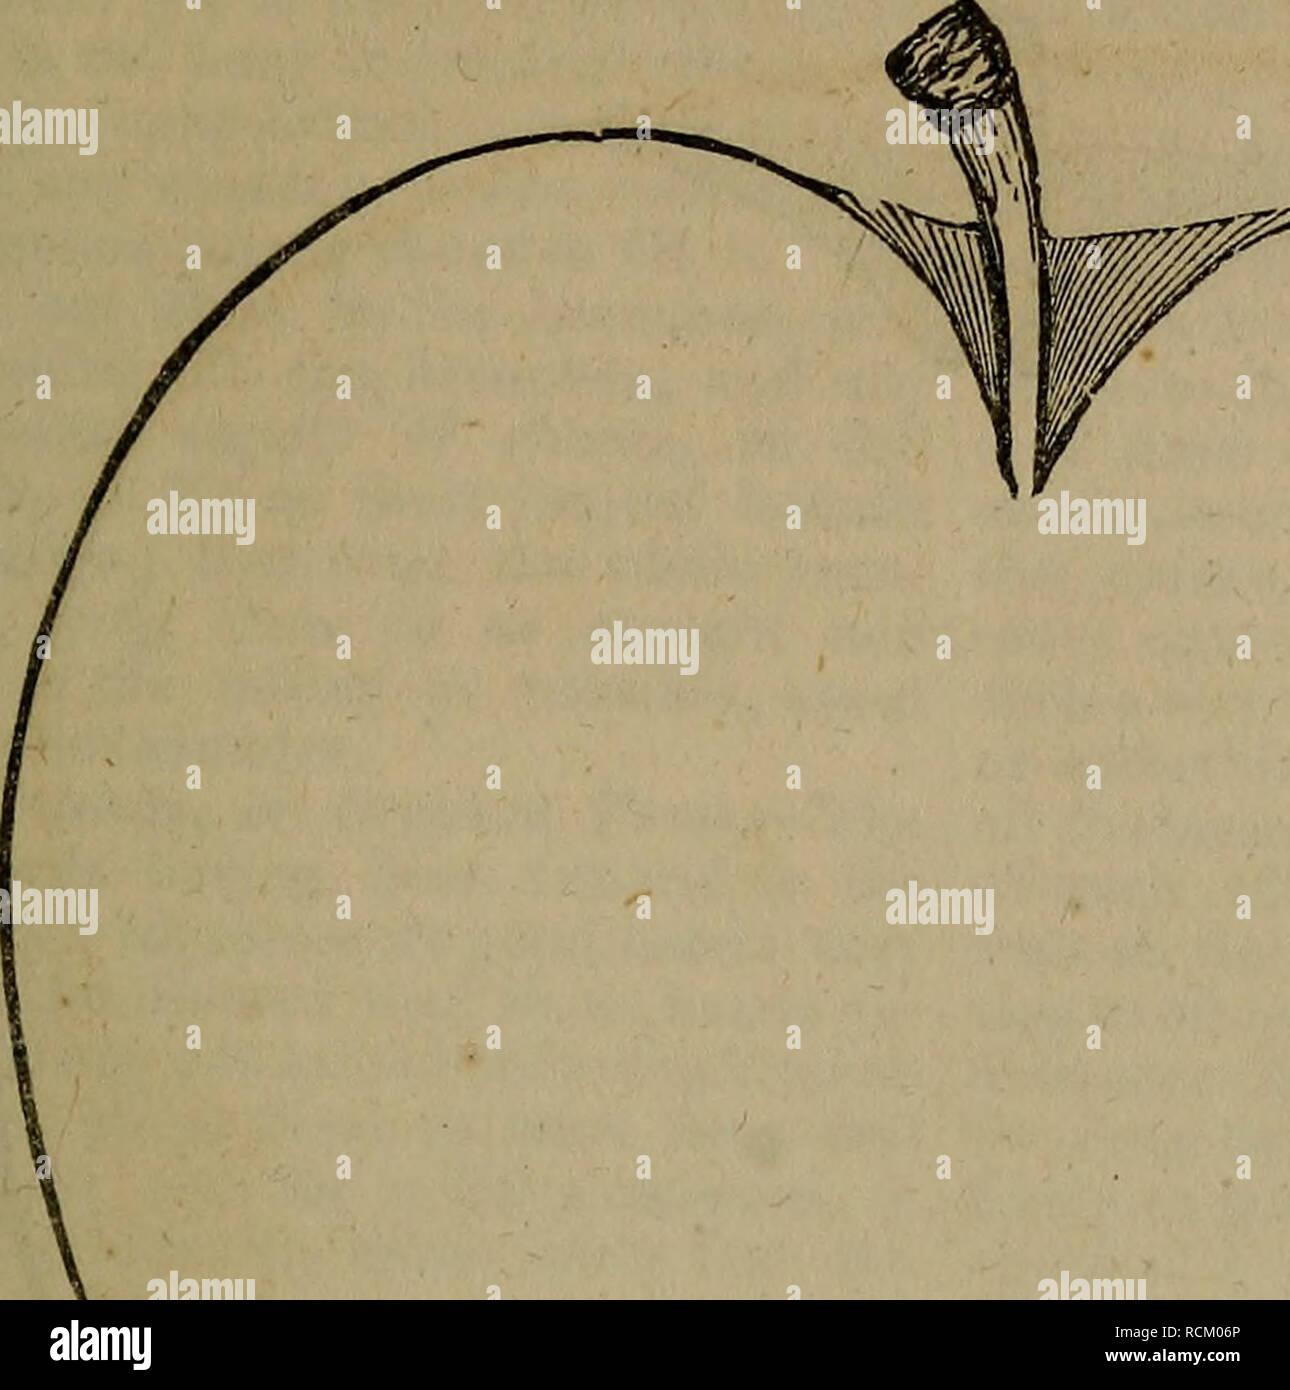 """. Ein Wörterbuch der modernen Gartenbau. Im Garten arbeiten. APP 55 APP Abb. 16.- (S. 51.). Für viele der Pflanzen, die ich dadurch gewonnen haben, viel von dem Charakter des Apple besitzen, während sie vegetieren so früh im Frühling als die Krabbe von Sibe-Ria, und mindestens die gleiche Kraft des kalten Lager besitzen; und ich besitze zwei Pflanzen der Familie, die ganz so robust wie die meisten strengen Crab unserer Wälder."""" durch Stecklinge. - Alle Sorten können in diesem Modus angehoben werden, obwohl einige, wie der Grat-Knoten, Codling, und Juni - Essen, leichter als andere. Bäume so angehoben werden, sagte nicht so haftet wie Ihre p zu sein Stockbild"""